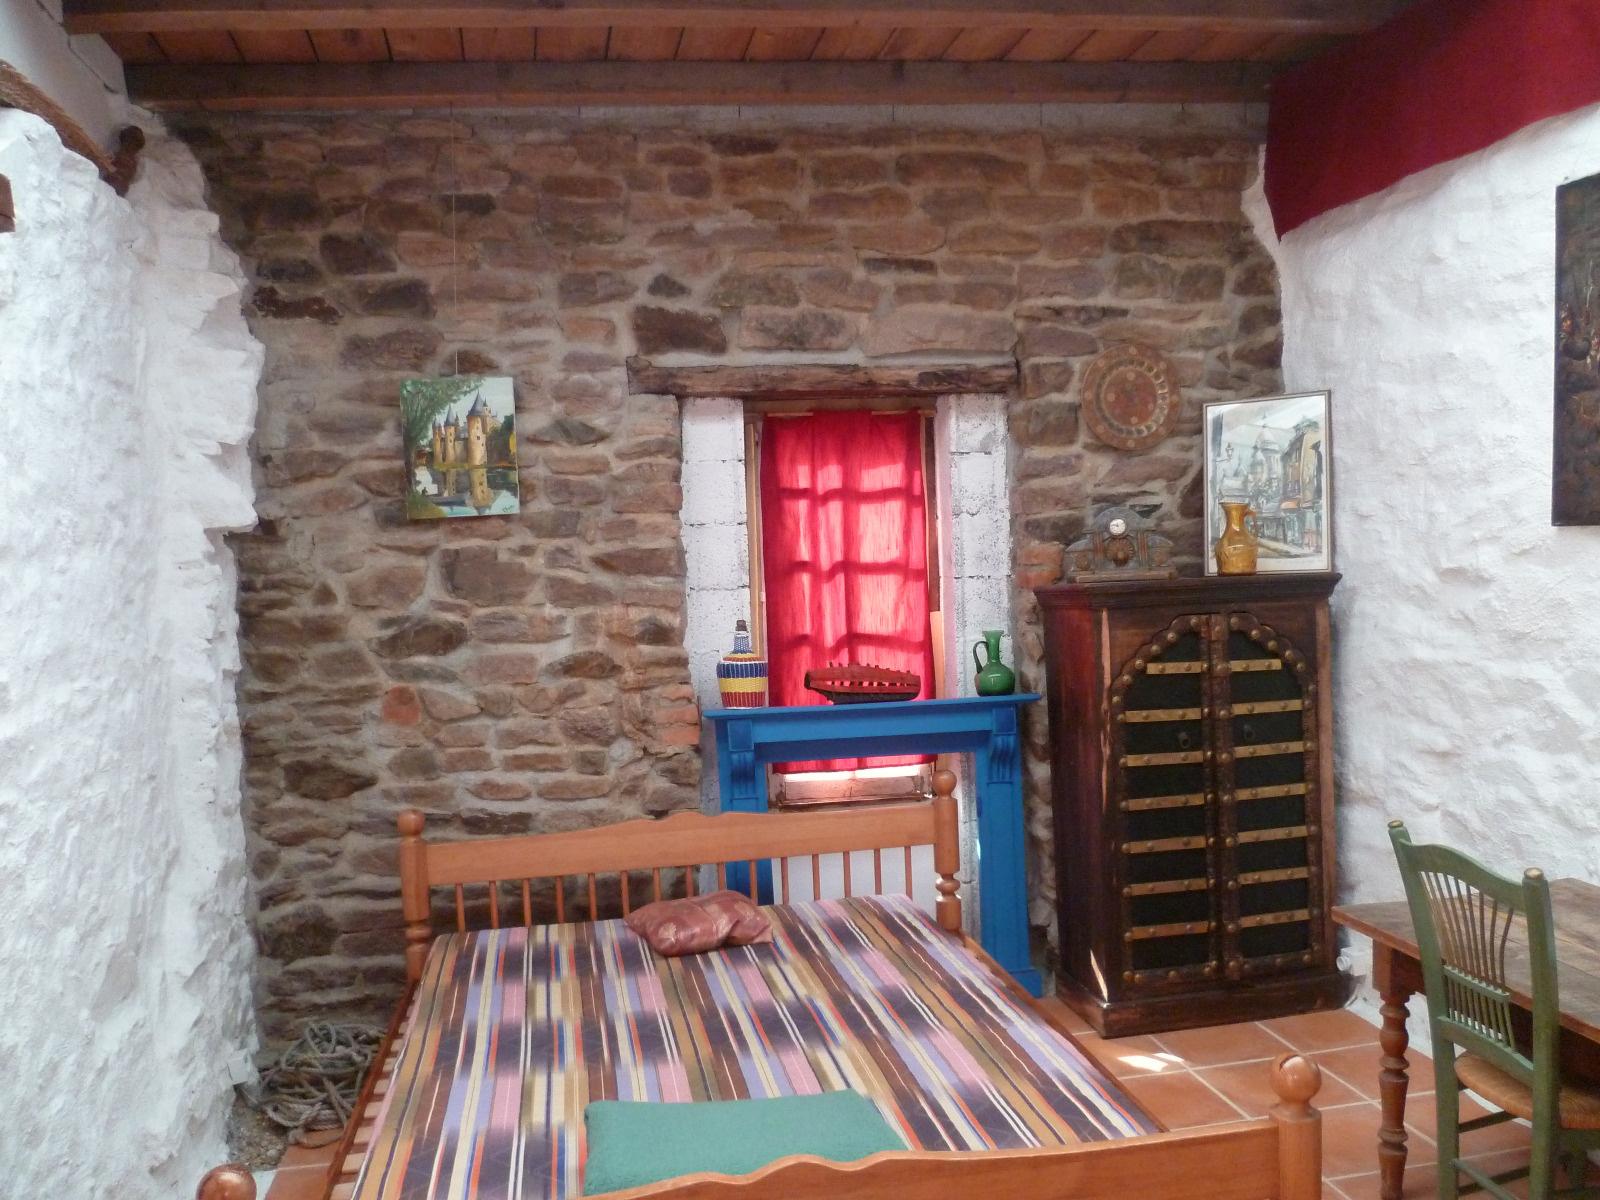 vente vendre plouezec maison en pierres au calme et proche mer cabinet mila immo. Black Bedroom Furniture Sets. Home Design Ideas